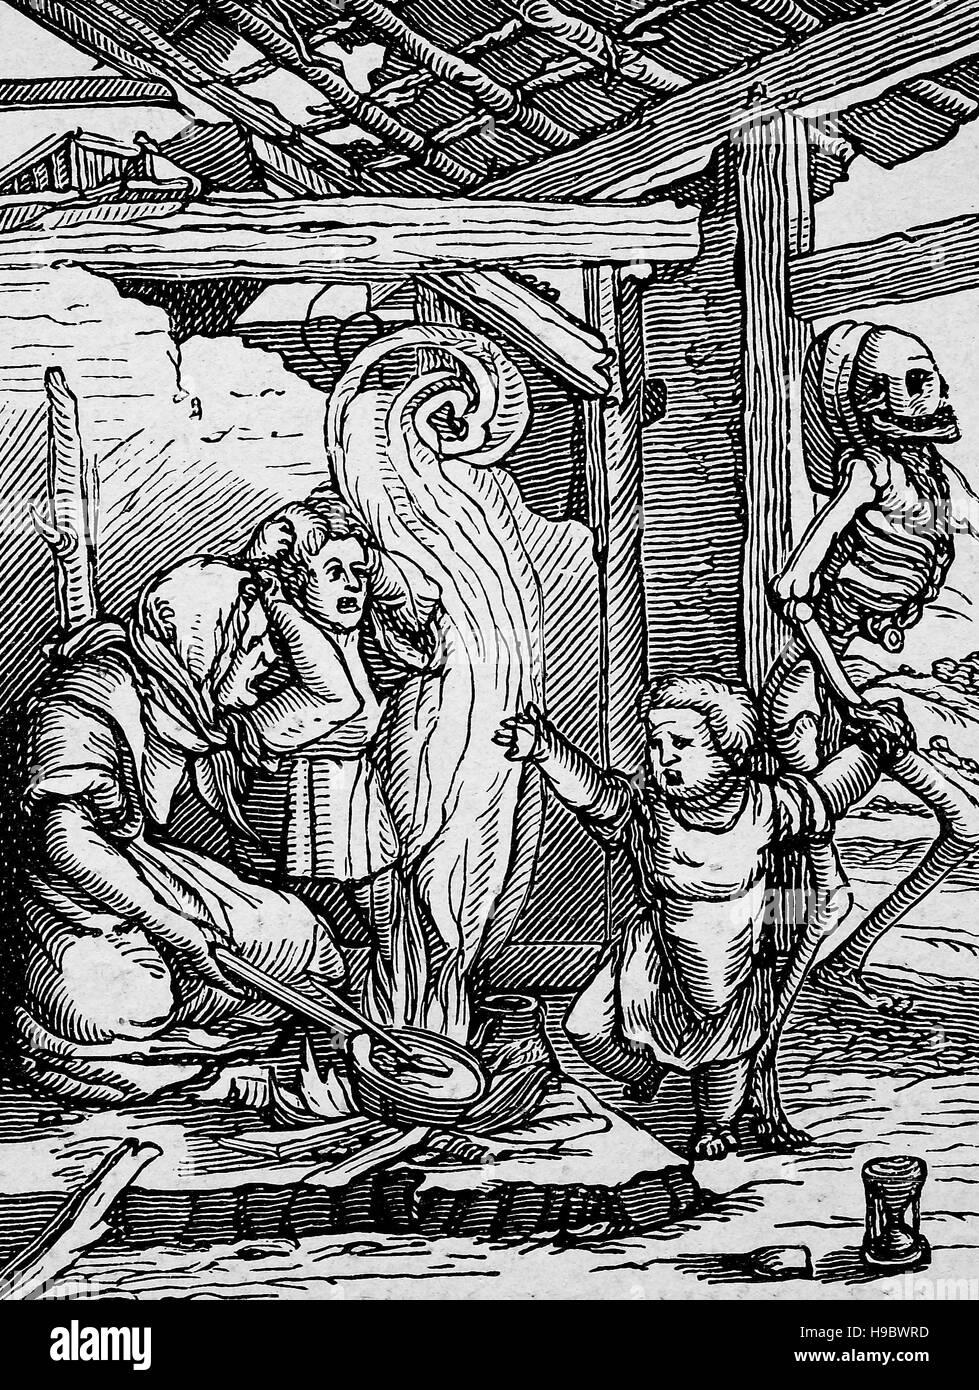 Danse macabre photos danse macabre images alamy for Histoire macabre